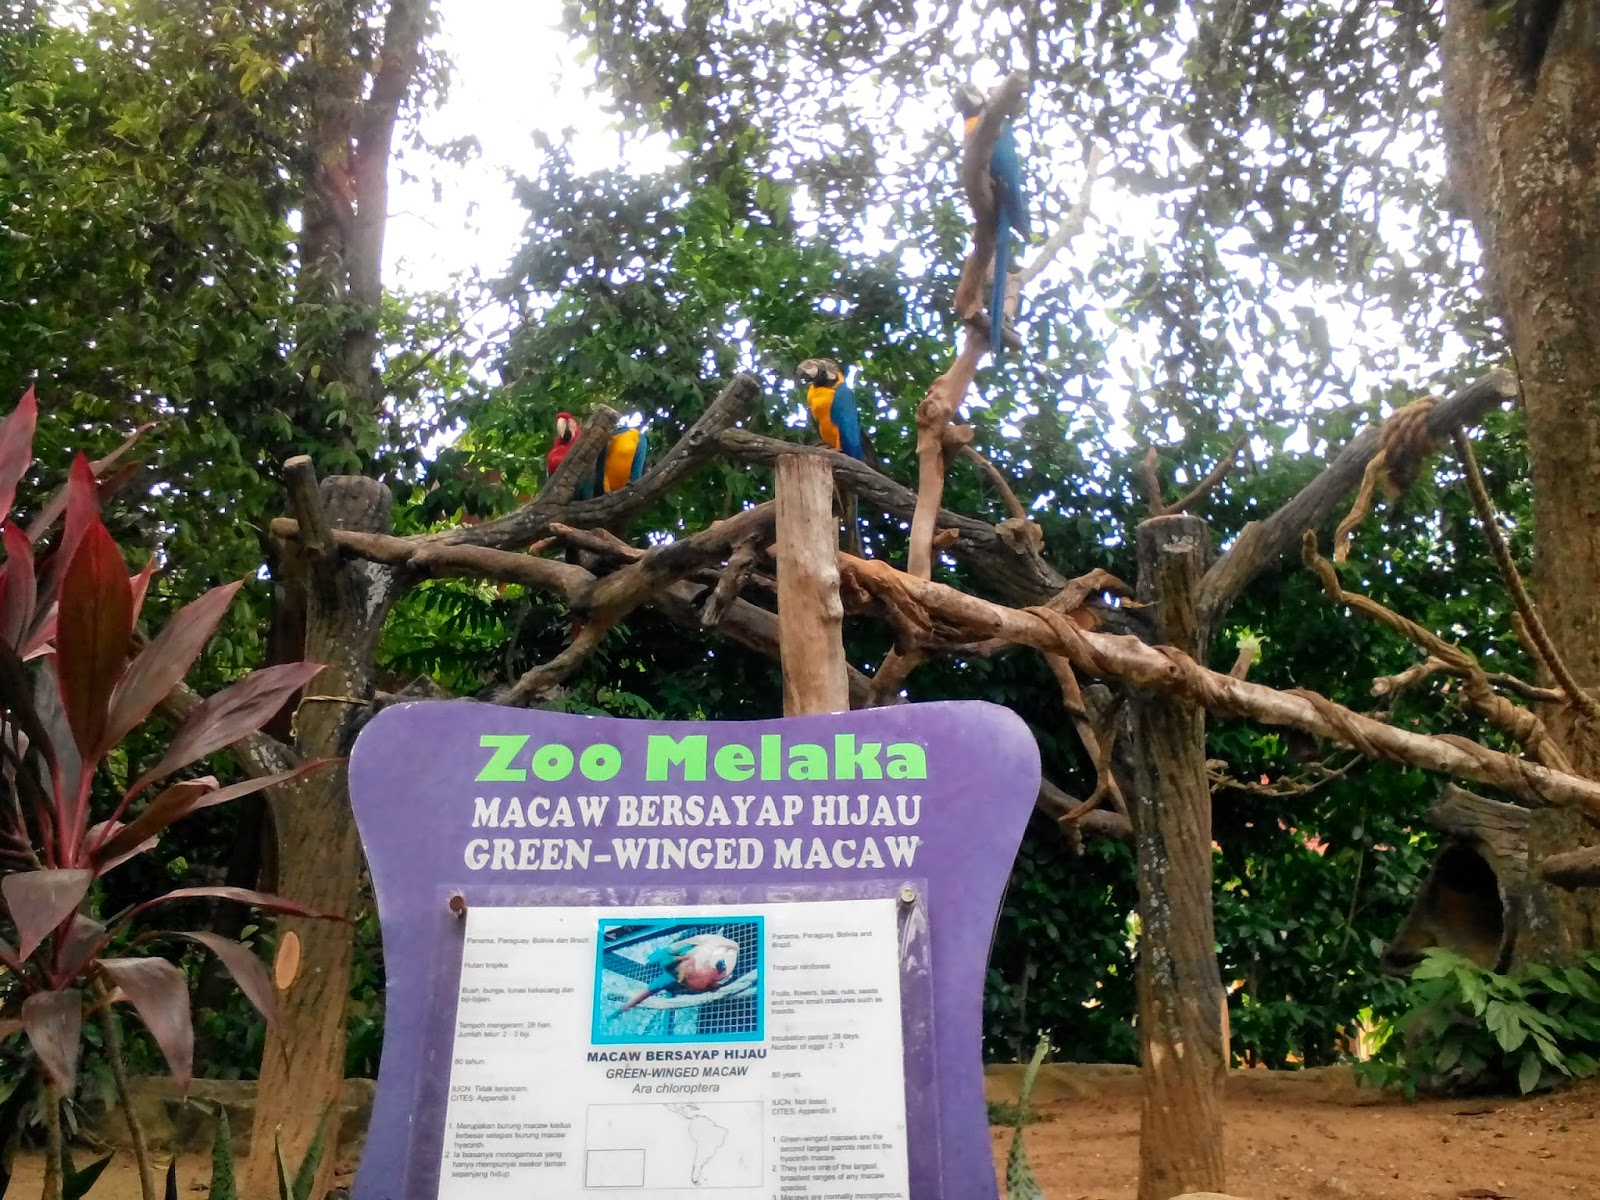 Aktiviti Adik Beradik Melawat Zoo Melaka di Hujung Minggu